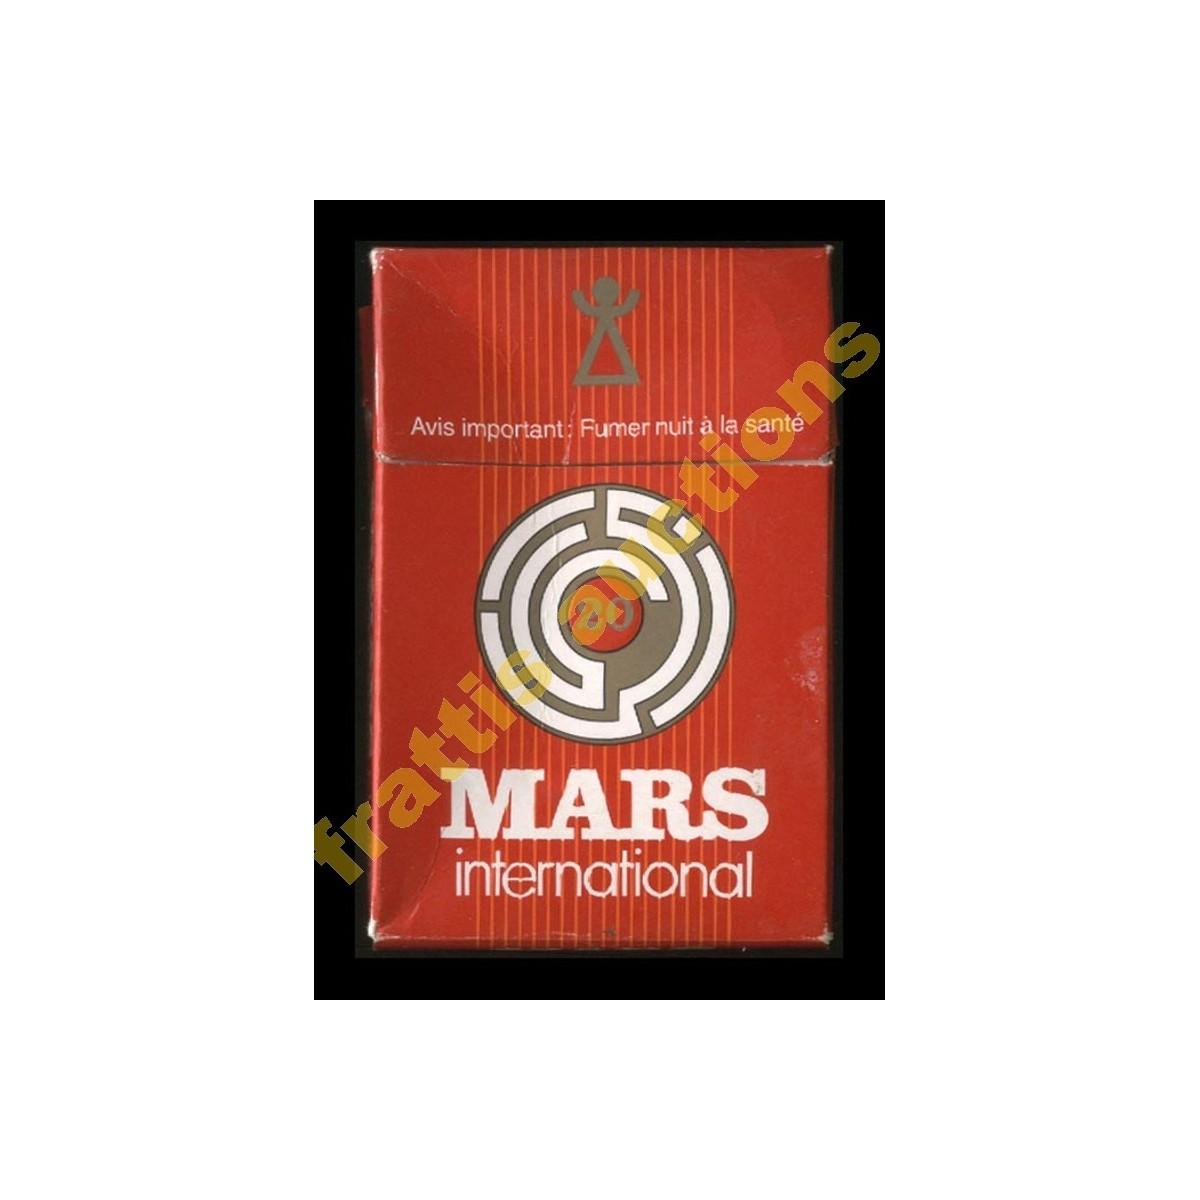 Χάρτινο πακέτο των 20 τσιγάρων MARS international. Τυνησία.